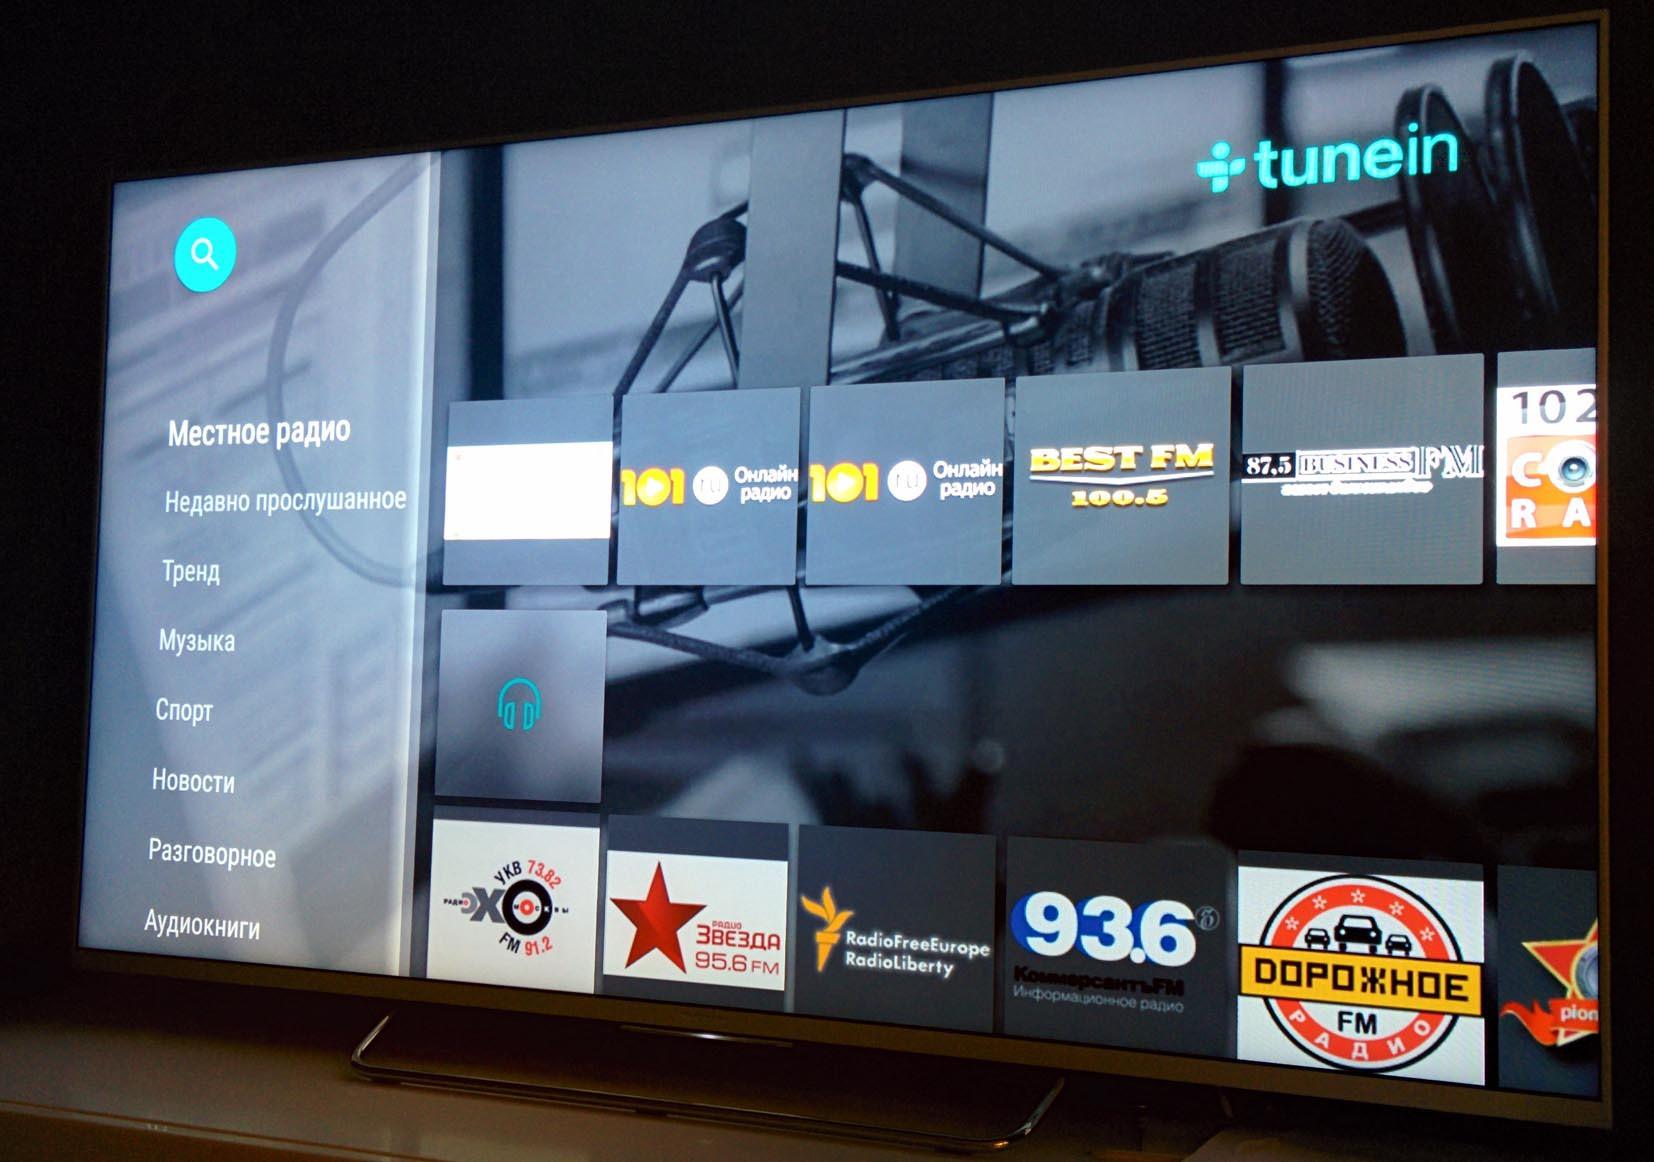 Обзор true Android TV на примере Sony 55w807c - 10